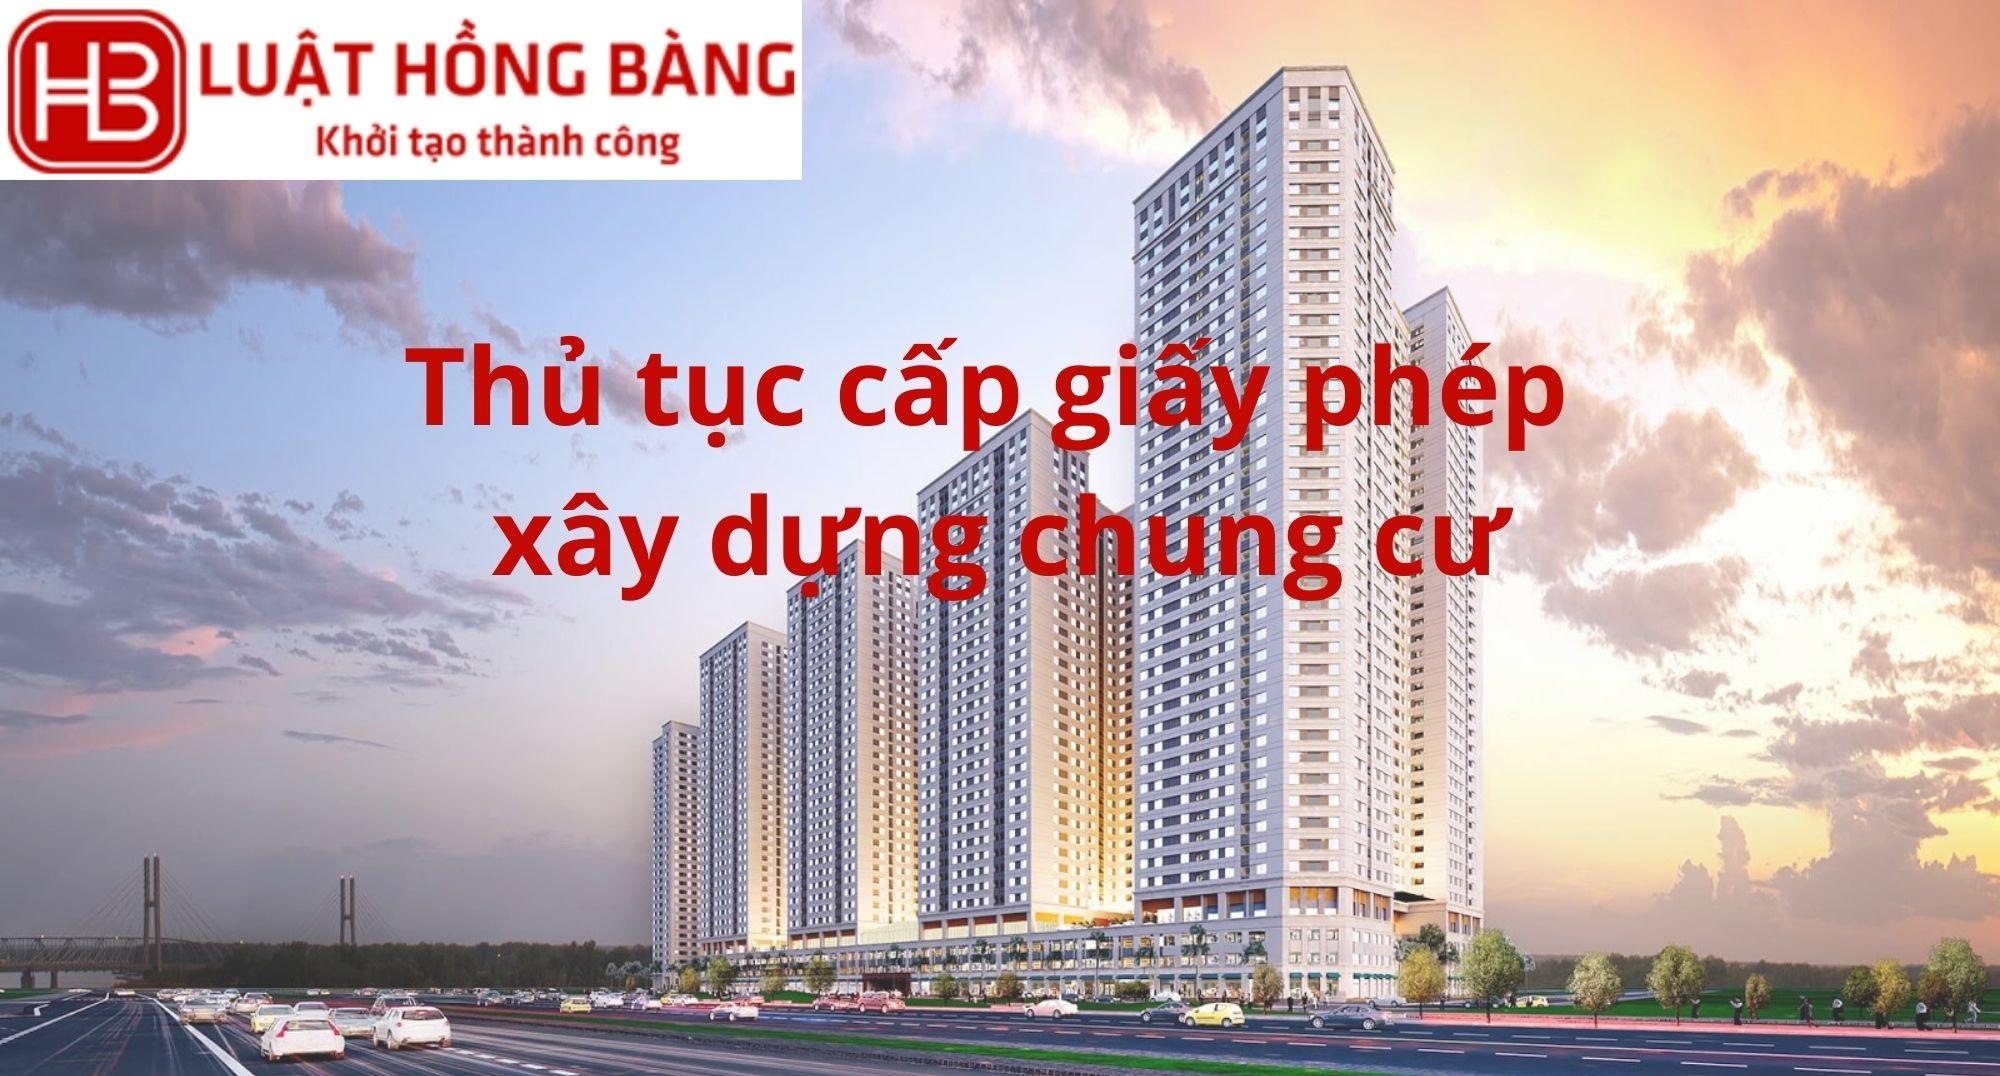 Thủ tục cấp giấy phép xây dựng chung cư